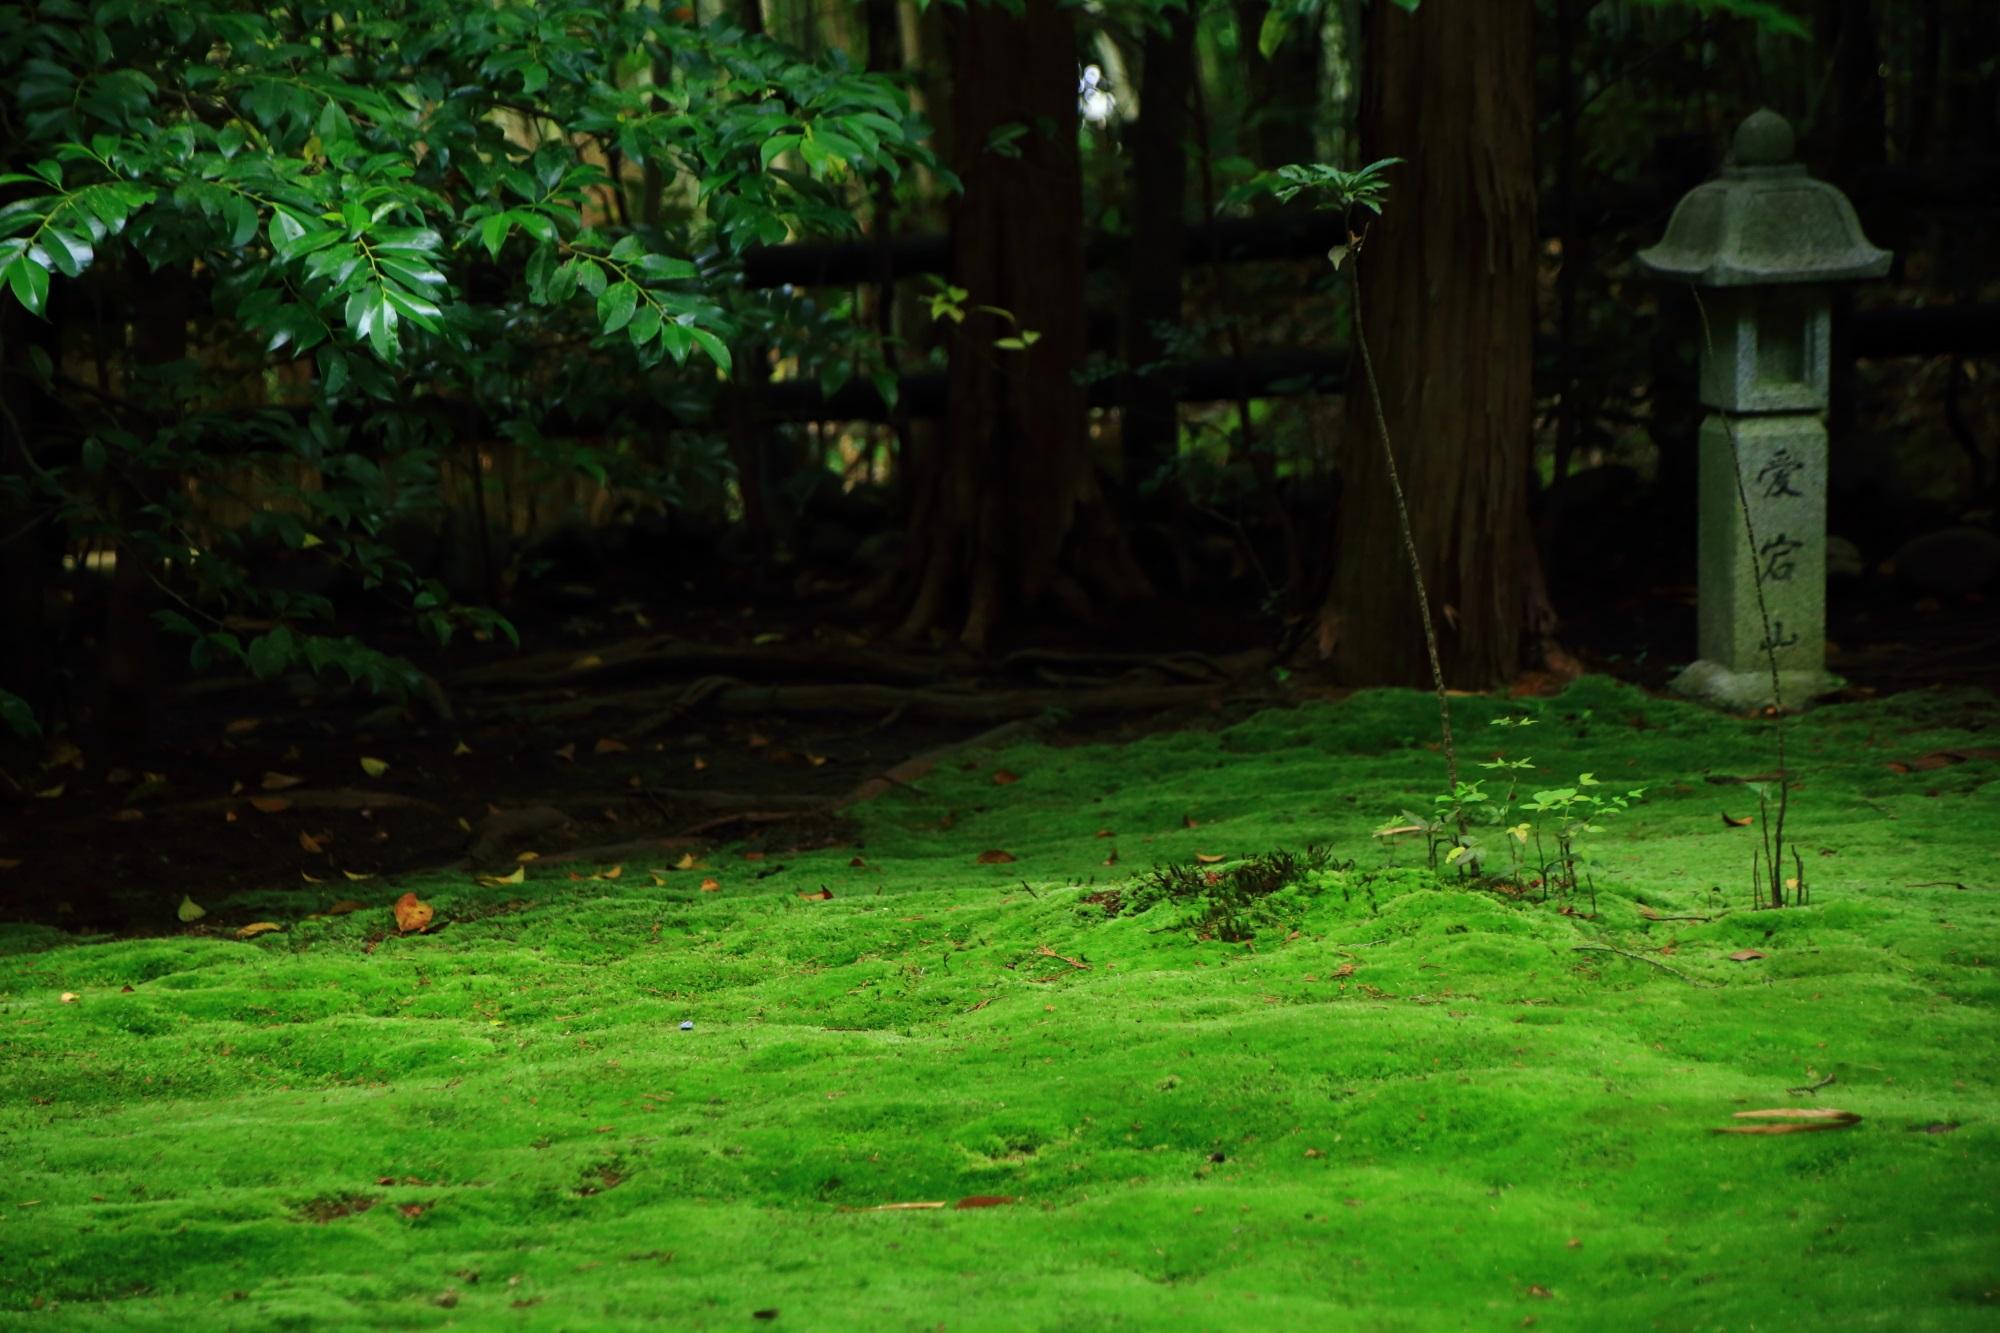 野宮神社の燈籠と苔